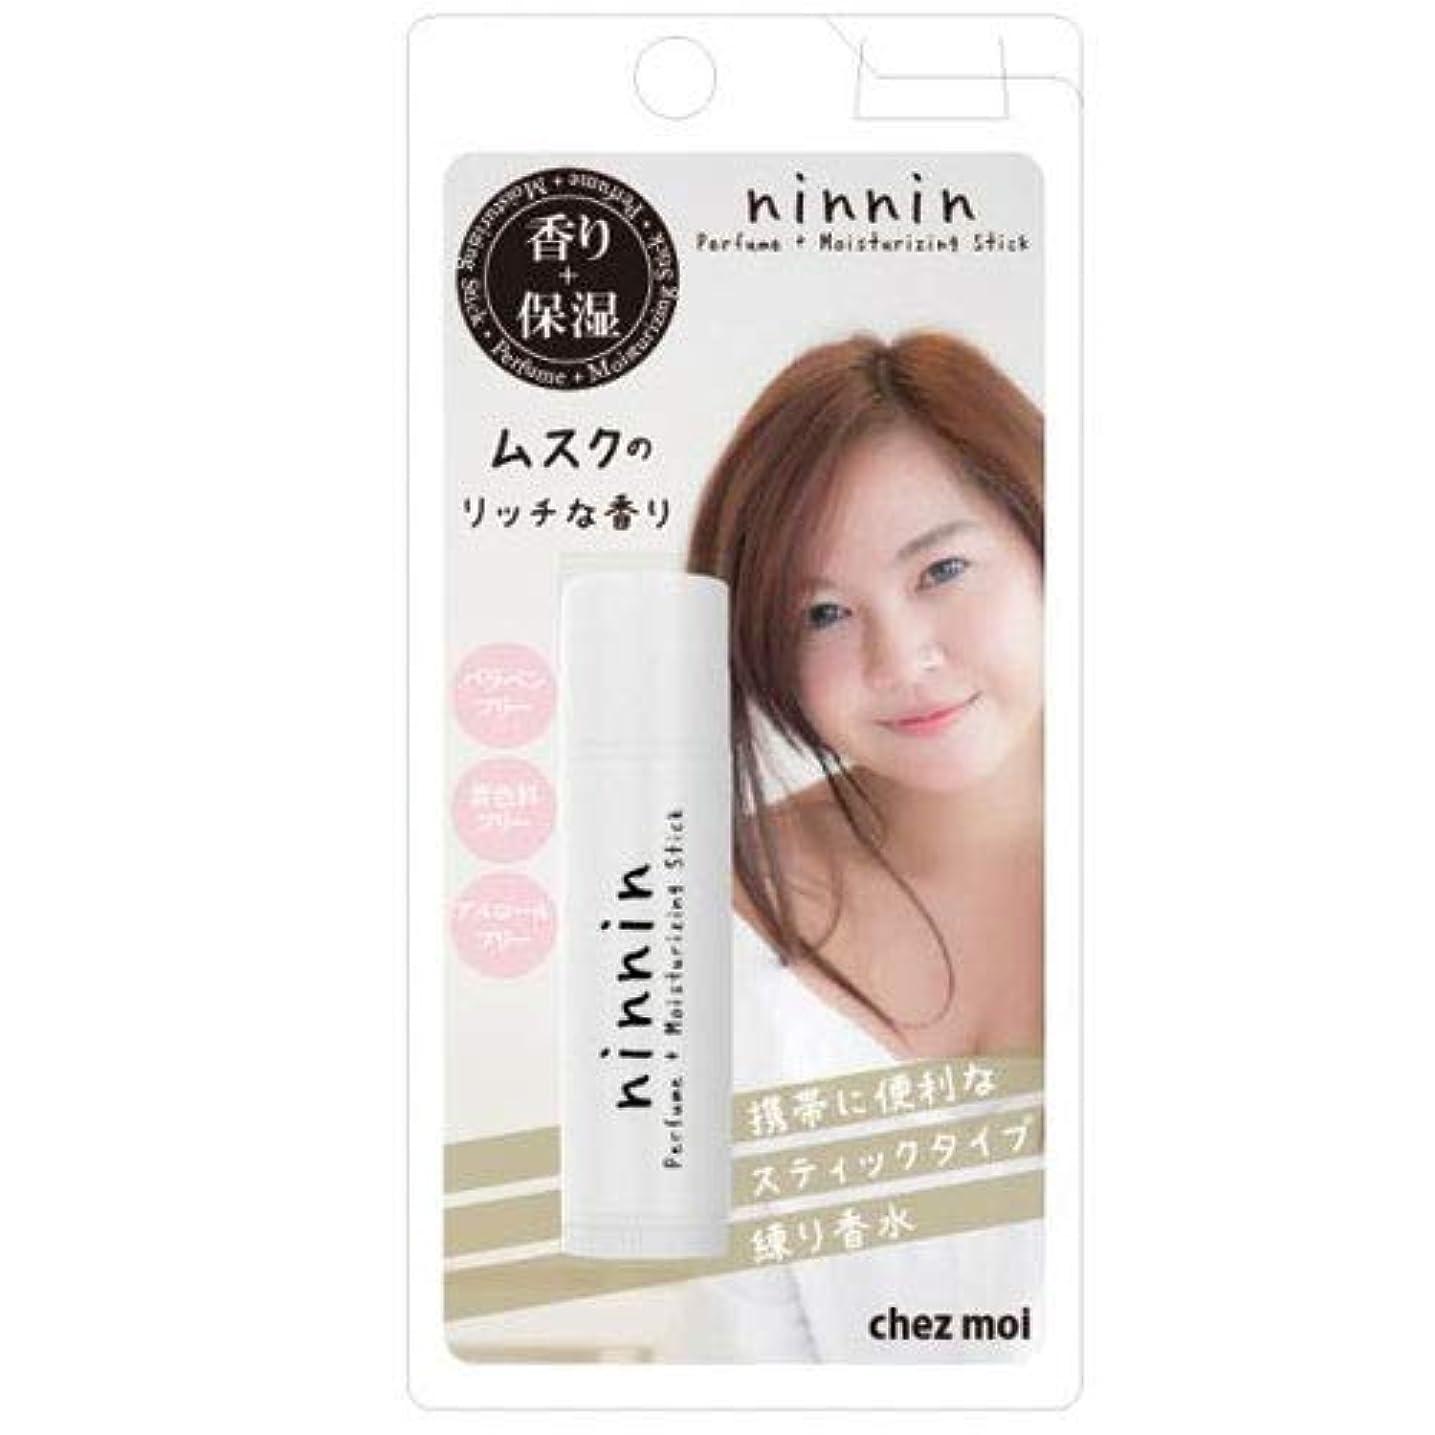 ゆるく乳白色代替案ninnin ナンナン Perfume+Moisturizing Stick ムスク